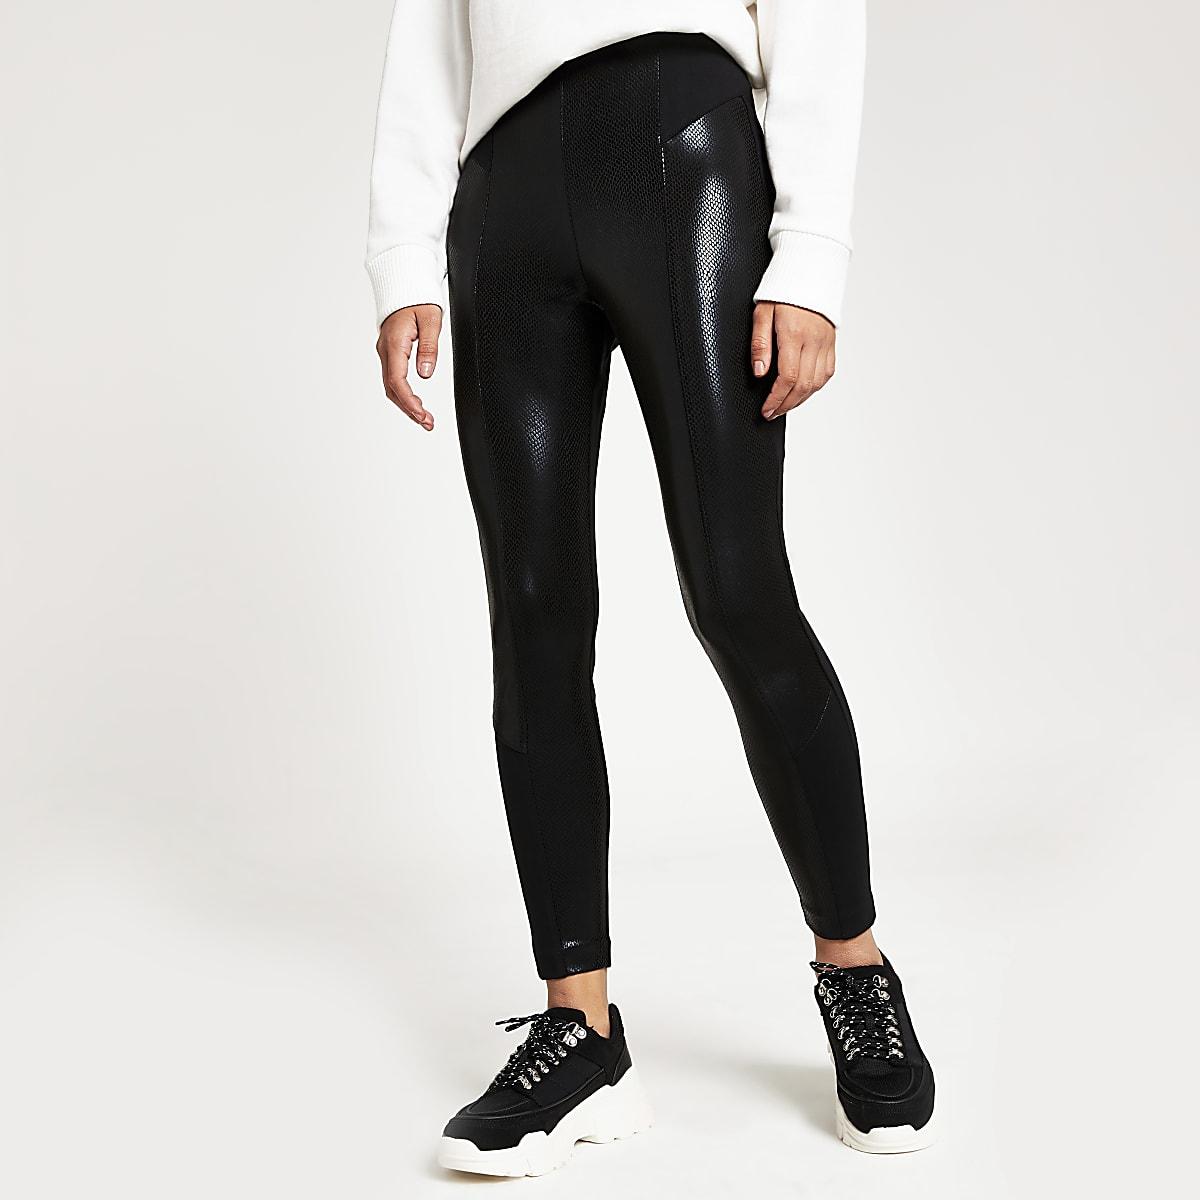 Black snake print coated skinny leggings